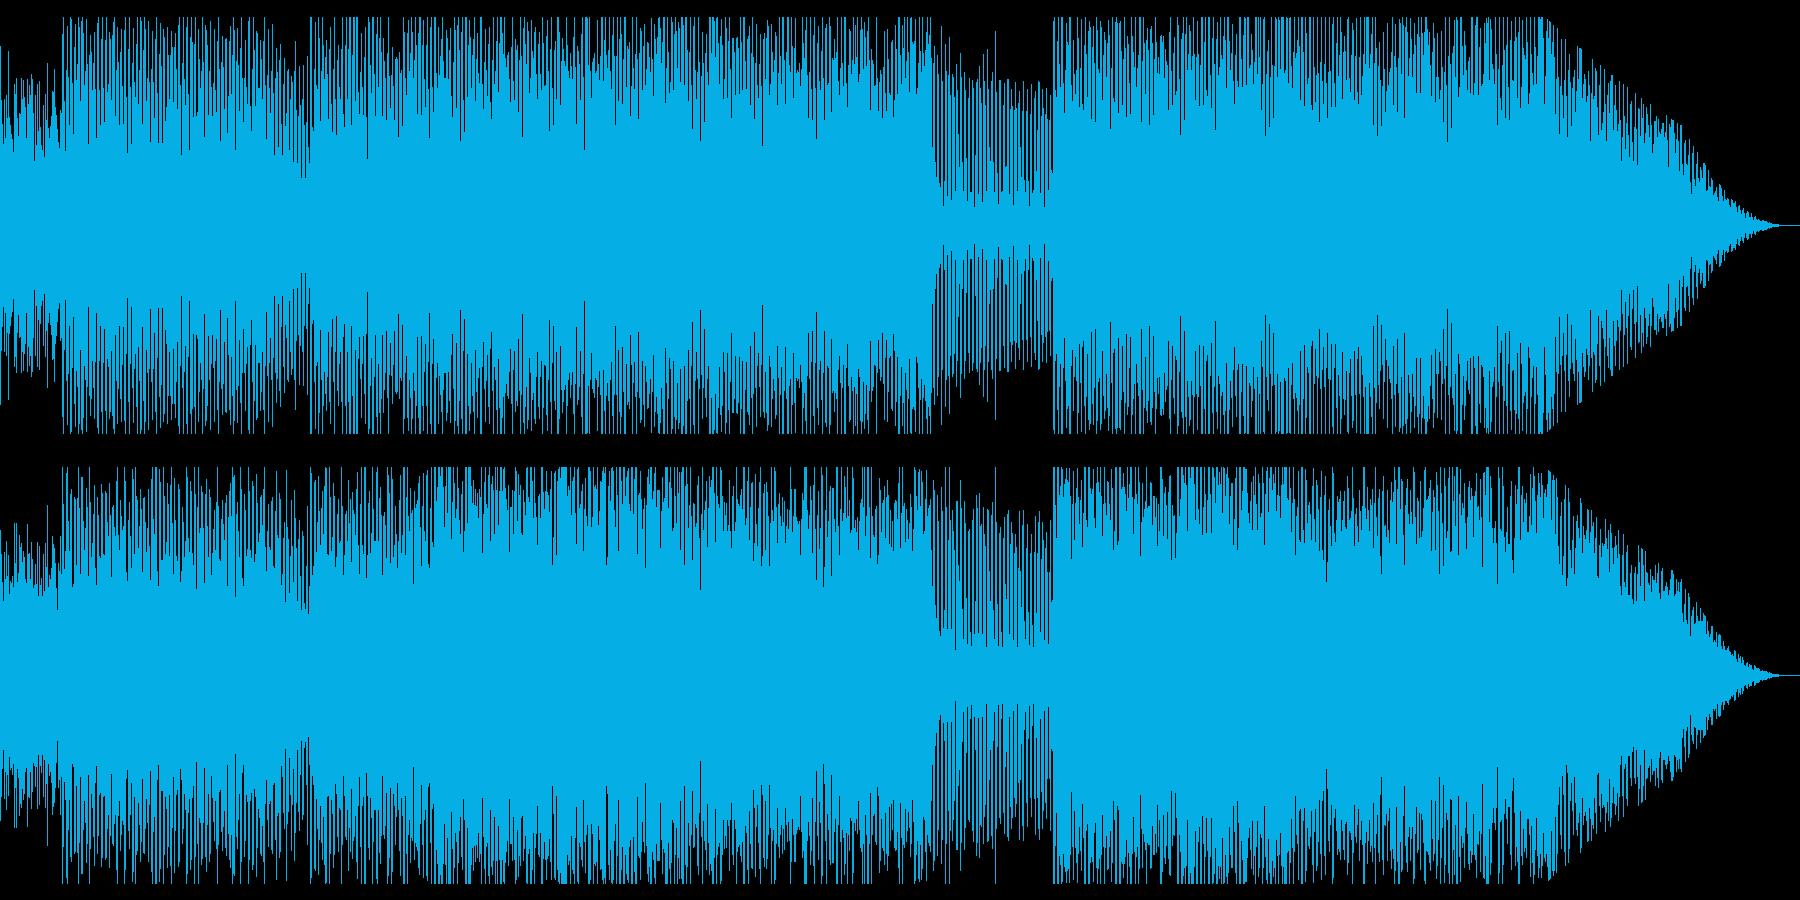 謎解き/ミステリー/奇妙/テクノの再生済みの波形